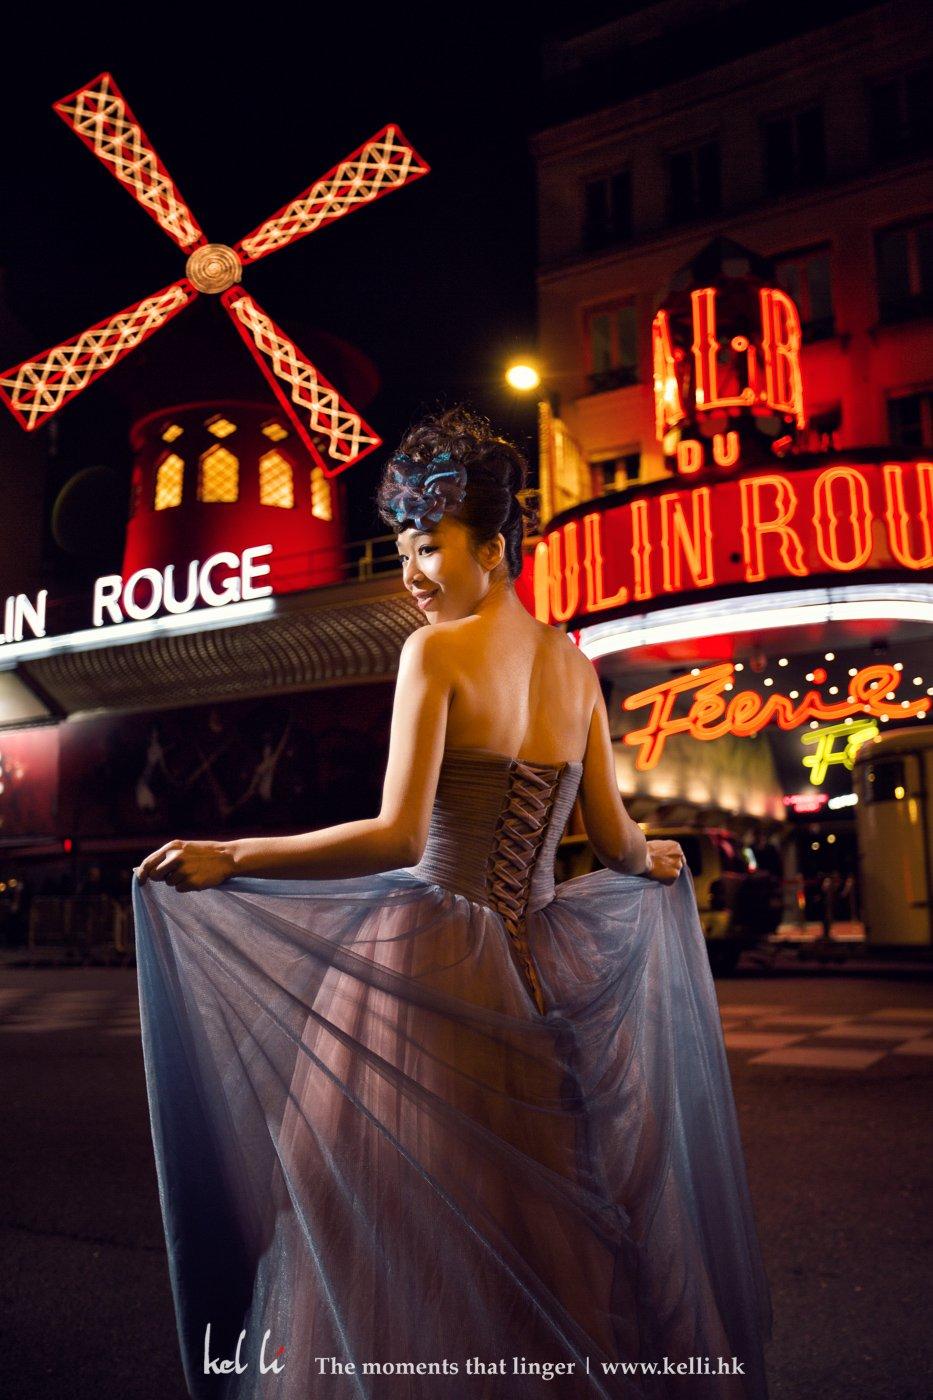 紅磨坊是屬於巴黎的紅燈區,也是著名的歌舞表演場地